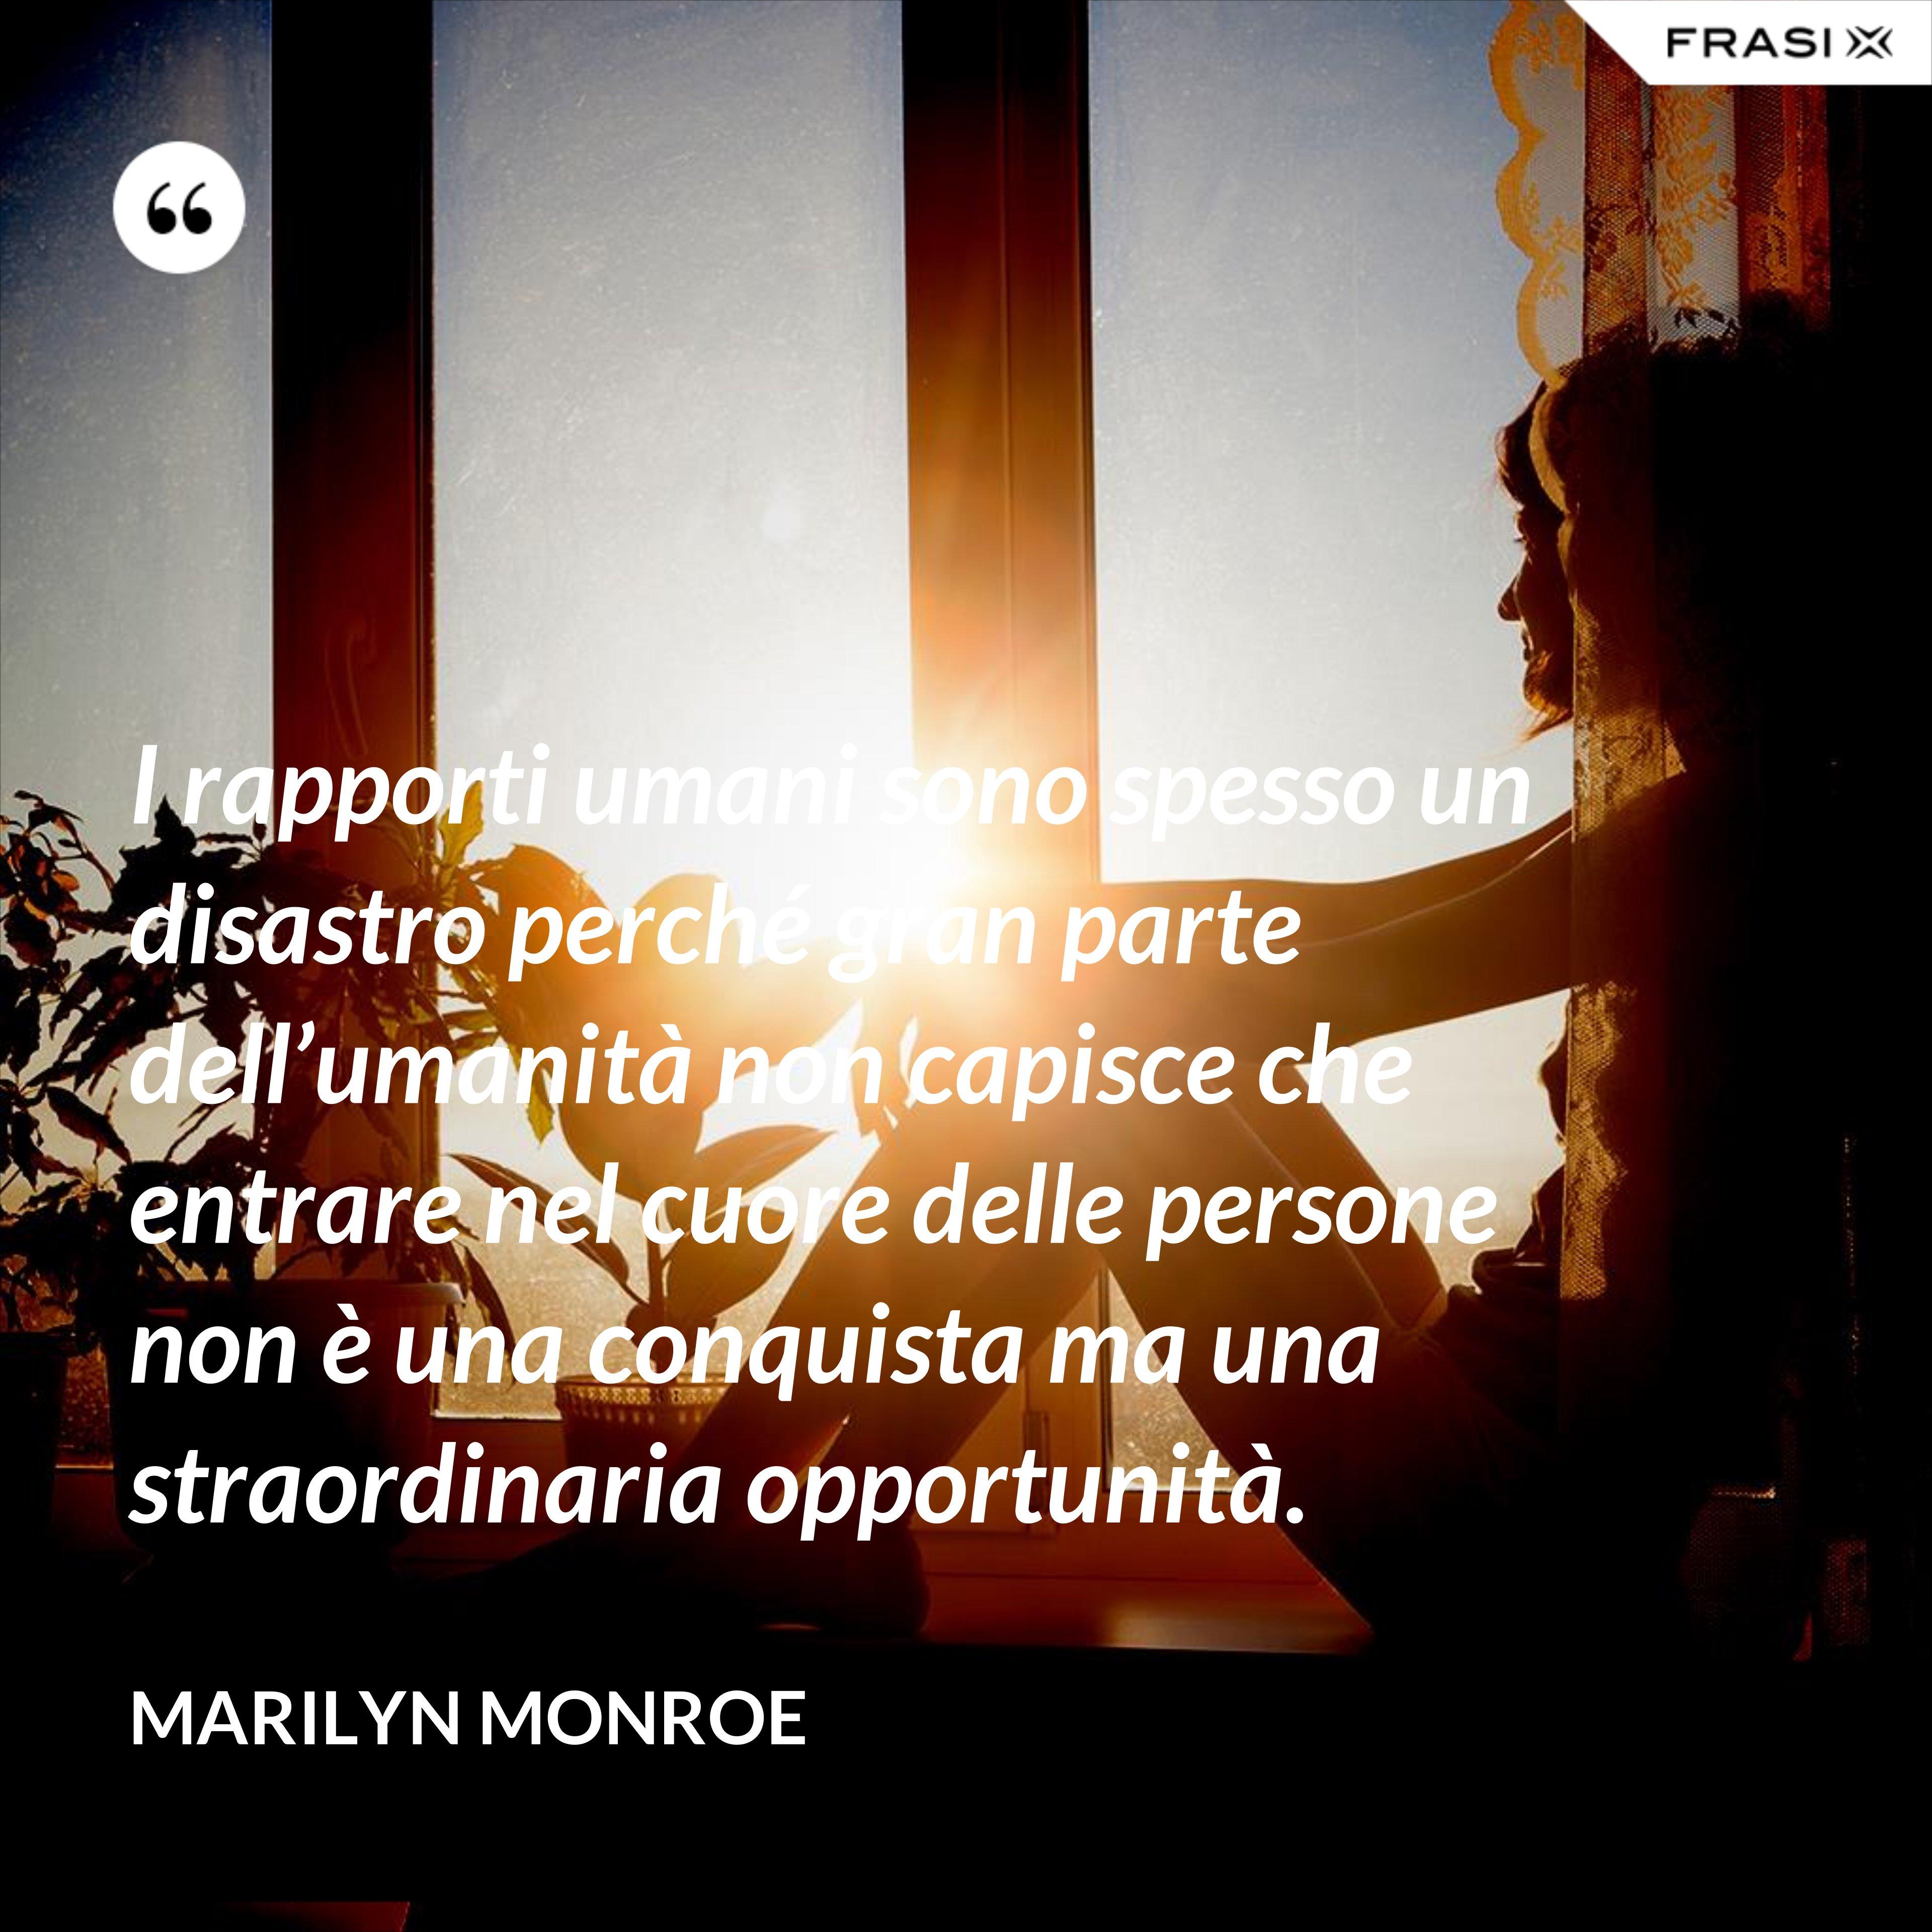 I rapporti umani sono spesso un disastro perché gran parte dell'umanità non capisce che entrare nel cuore delle persone non è una conquista ma una straordinaria opportunità. - Marilyn Monroe